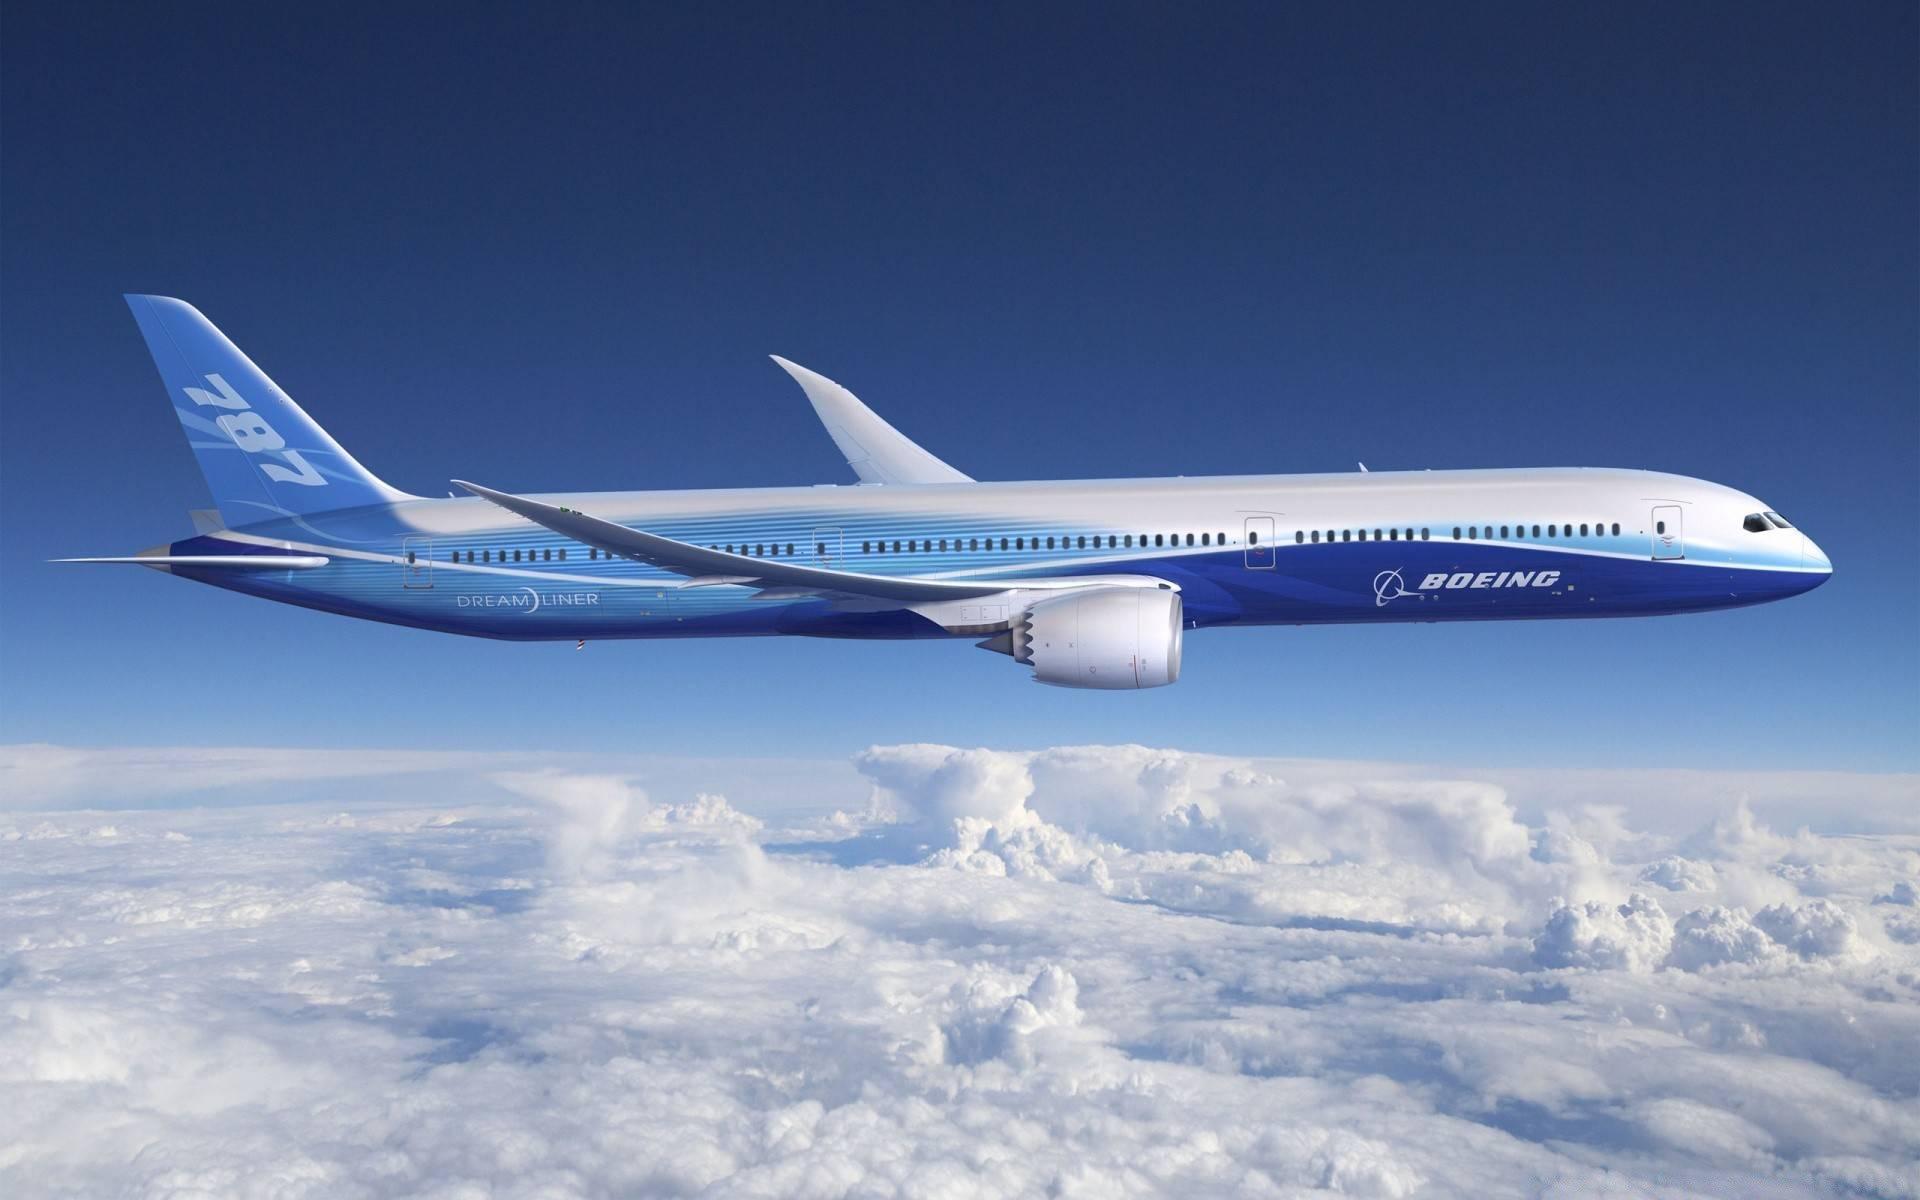 Боинг 787 дримлайнер: фото